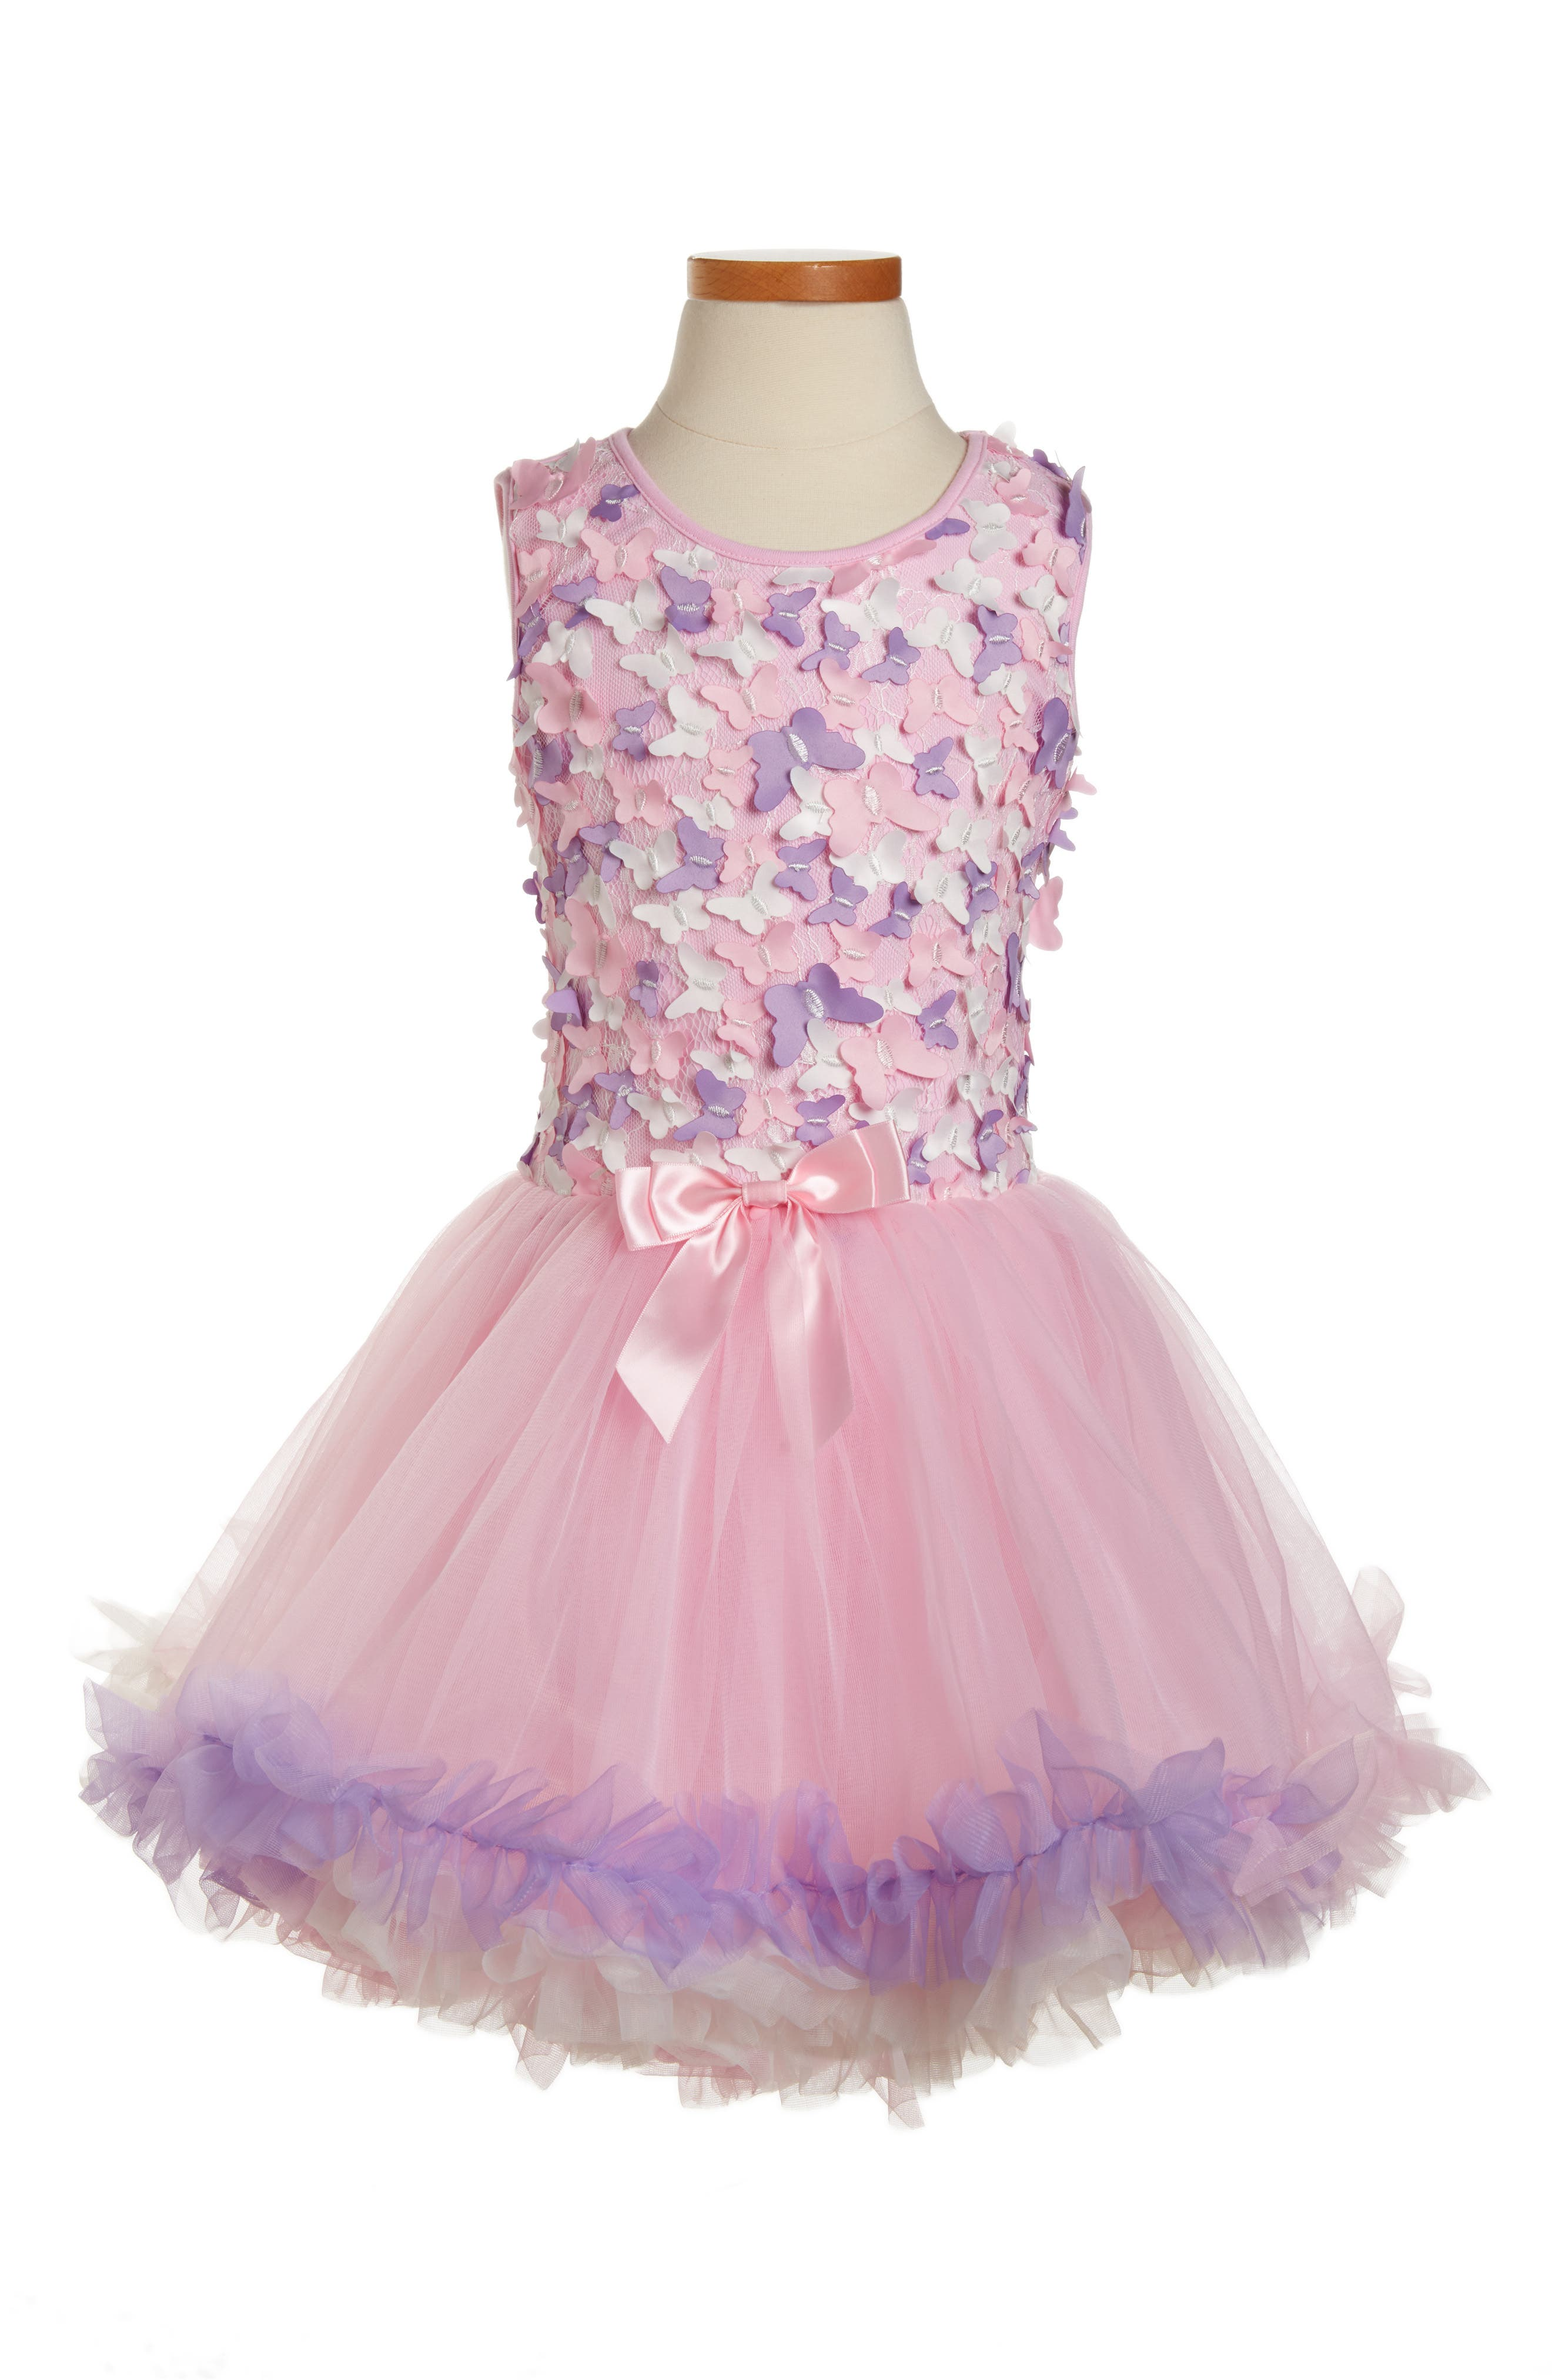 Main Image - Popatu Butterfly Sleeveless Dress (Toddler Girls, Little Girls & Big Girls)